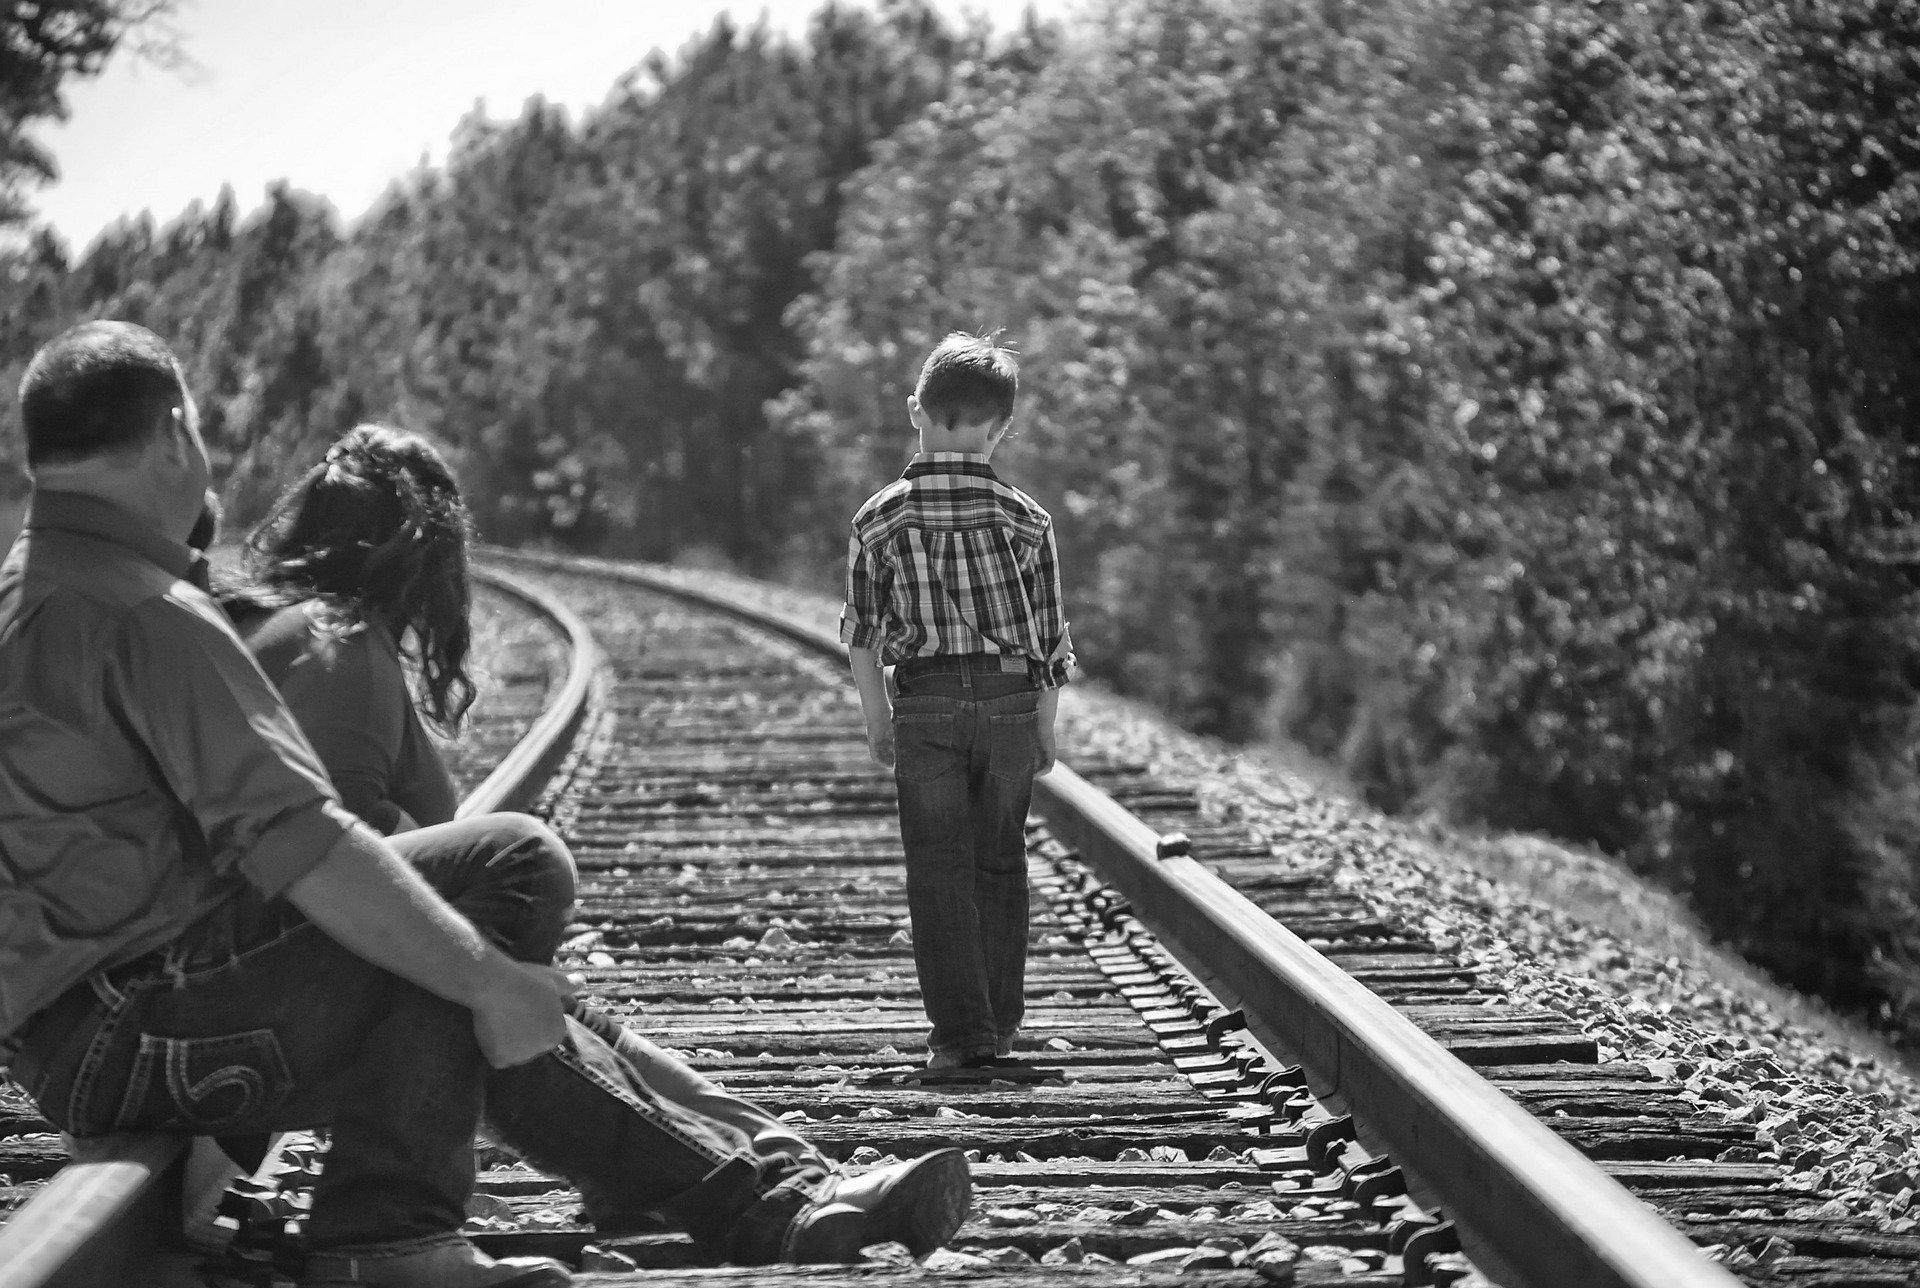 un bambino cammina sui binari di un treno, mentre un uomo e una donna lo guardano allontanarsi seduti sui medesimi binari